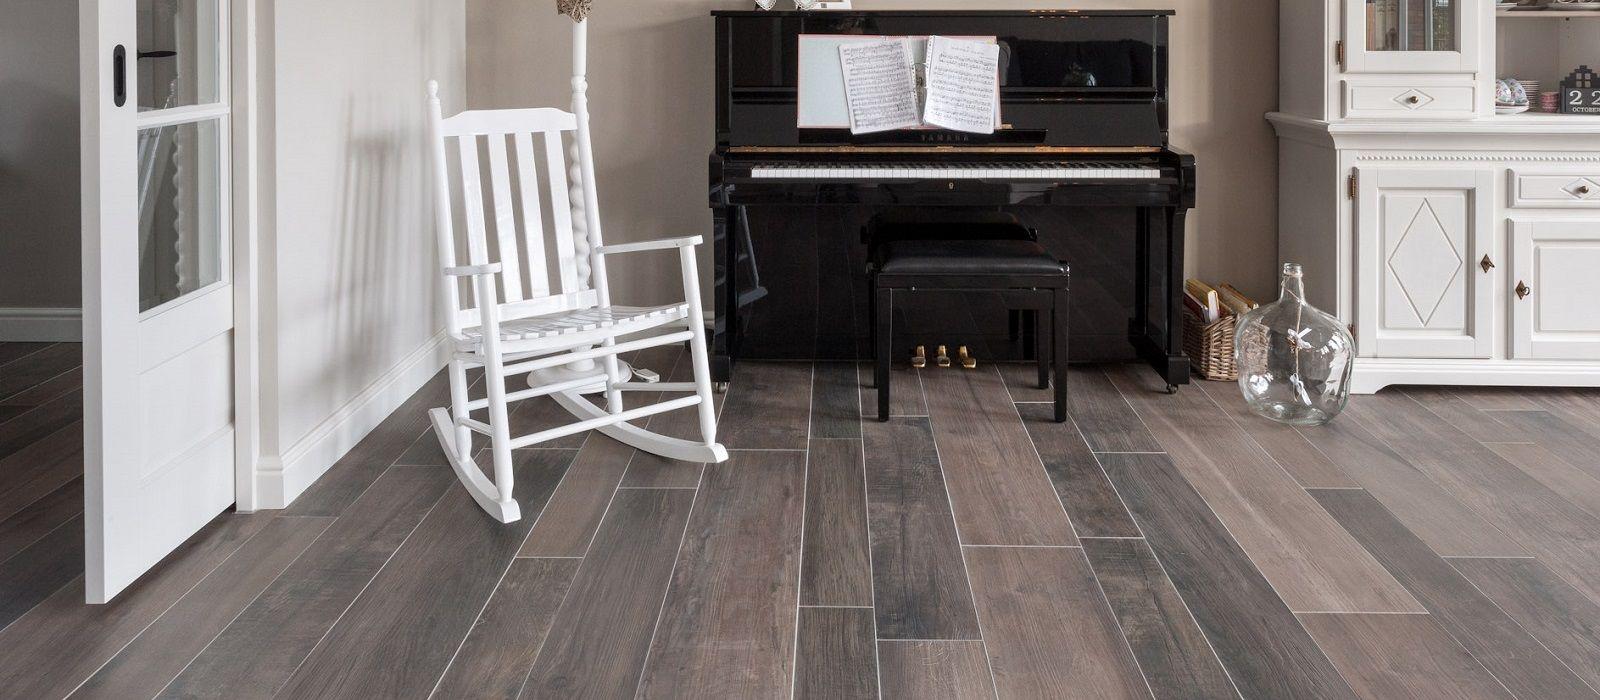 Badkamer badkamervloer laten leggen : Speel met de kleuren van houtlook tegels Bekijk ons assortiment ...